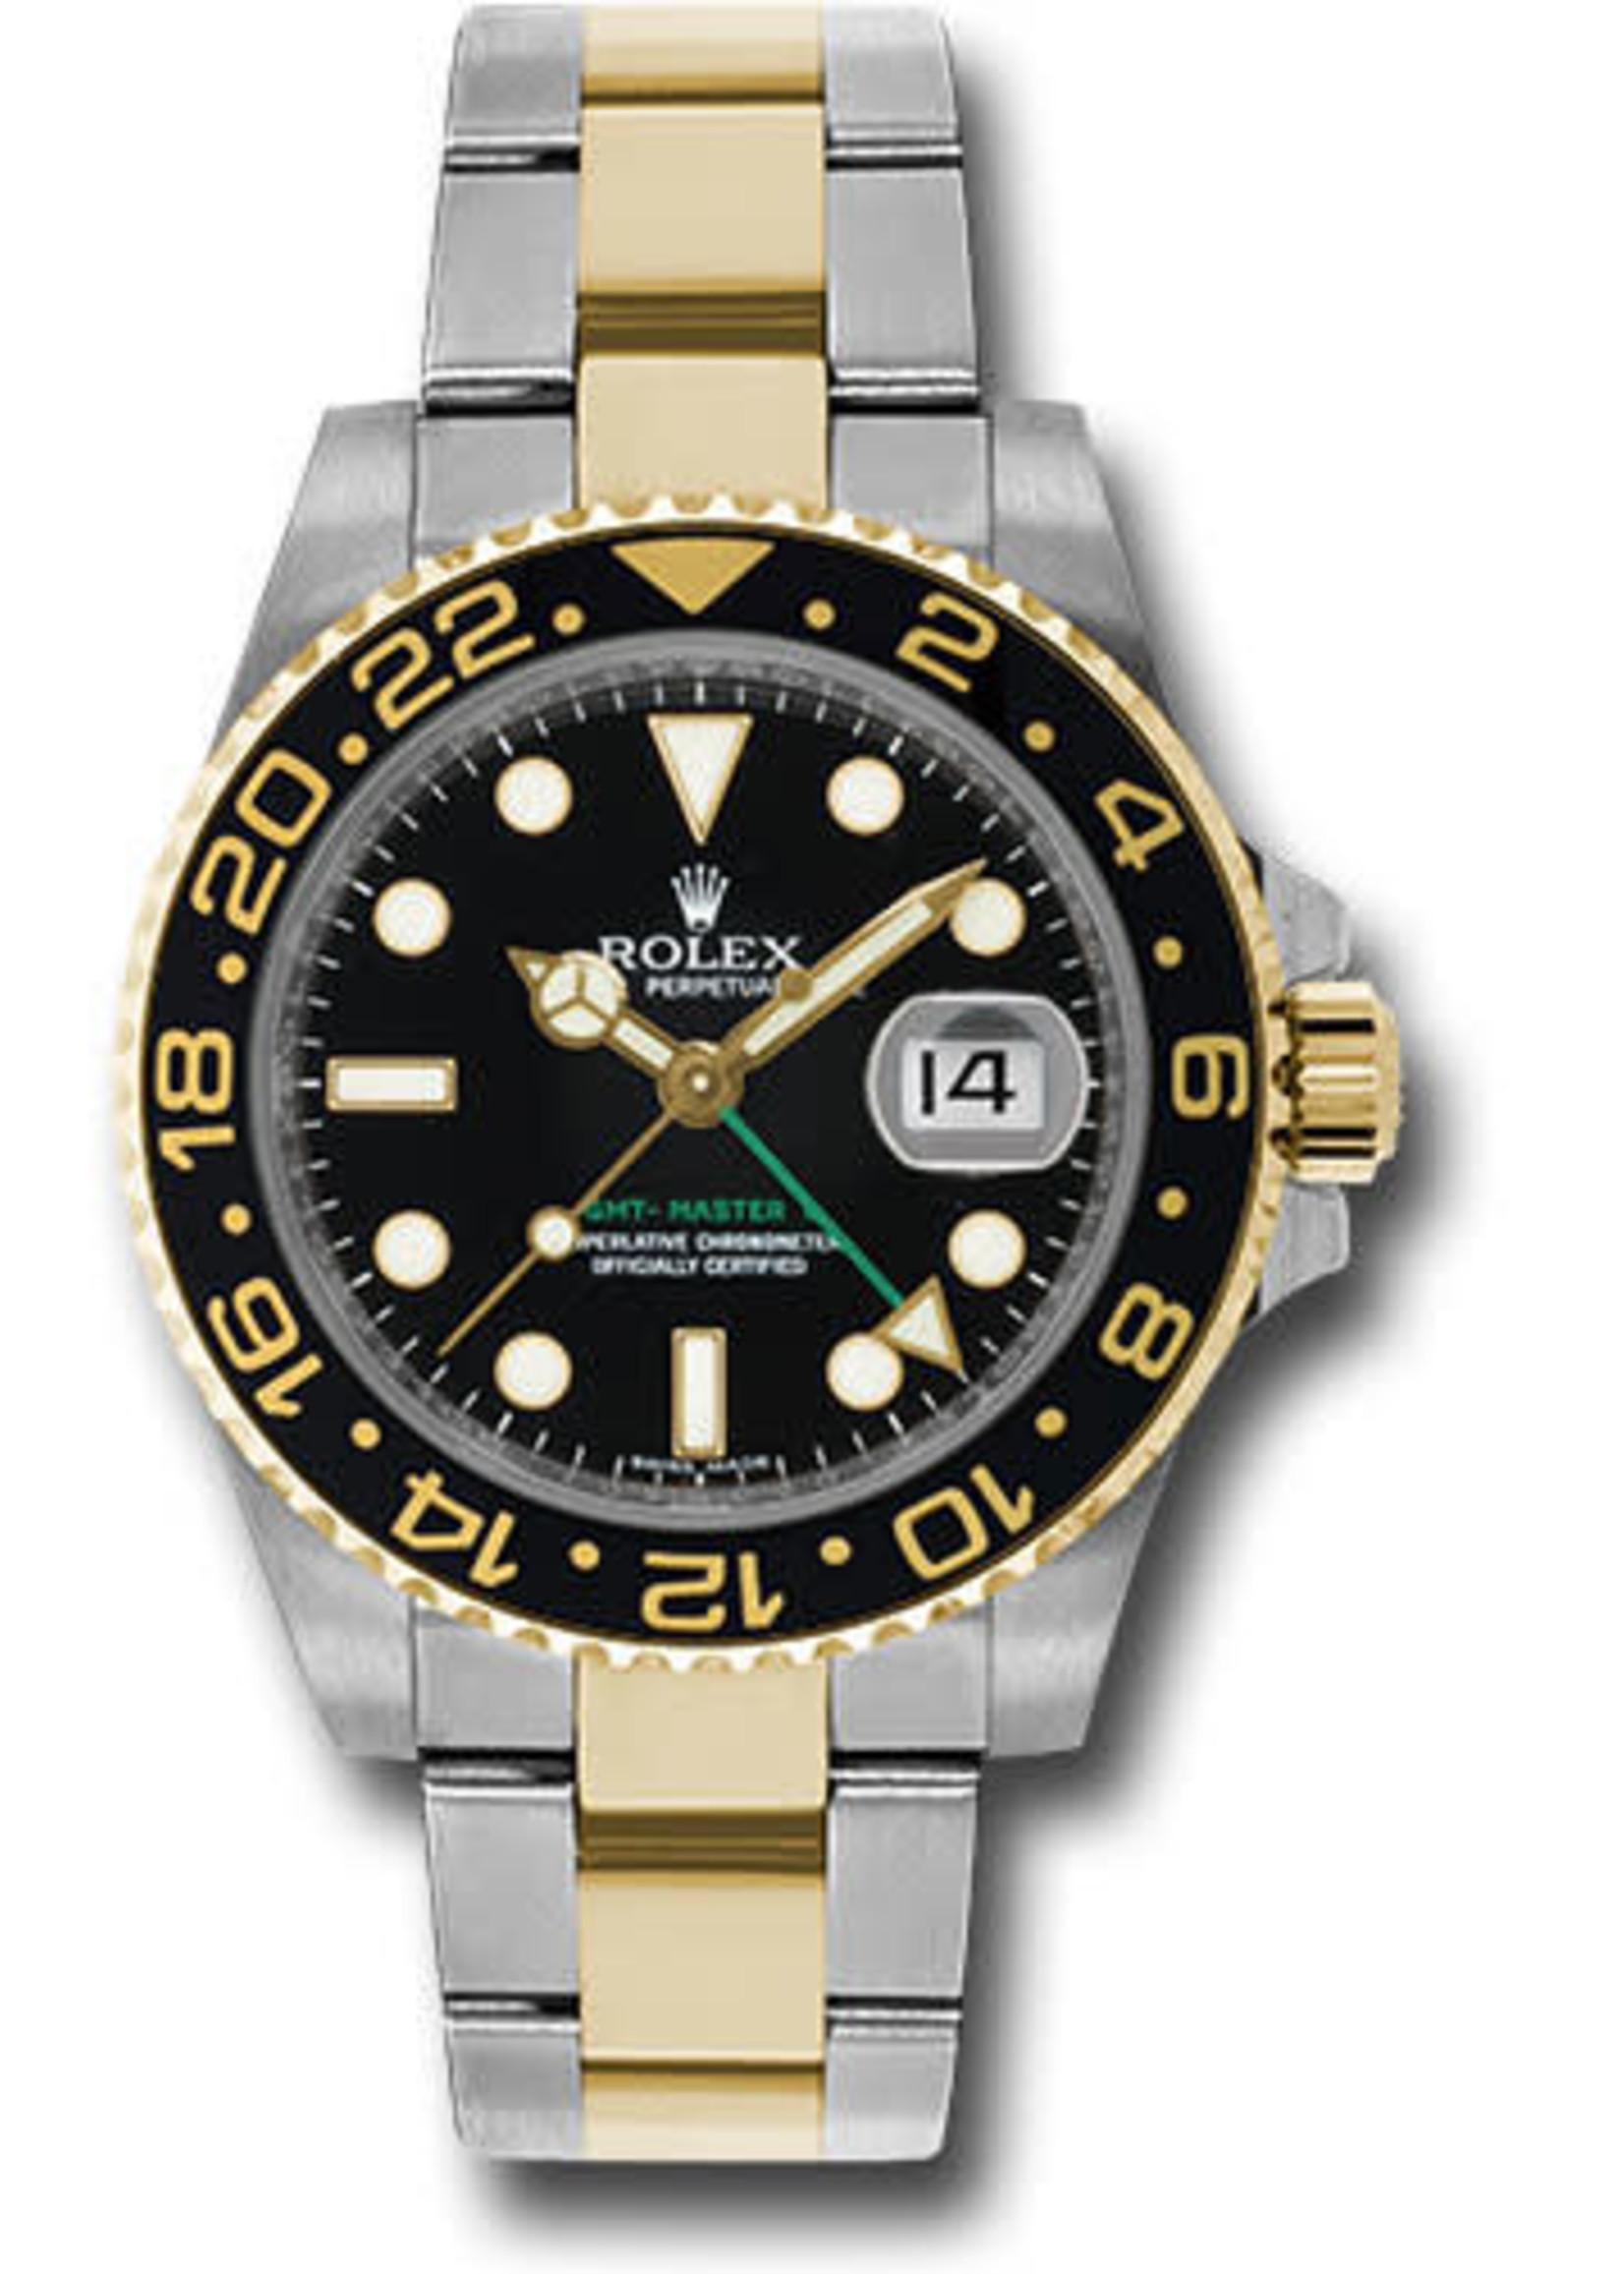 Rolex Watches ROLEX GMT-MASTER II 40MM (2017 B+P) #116713LN